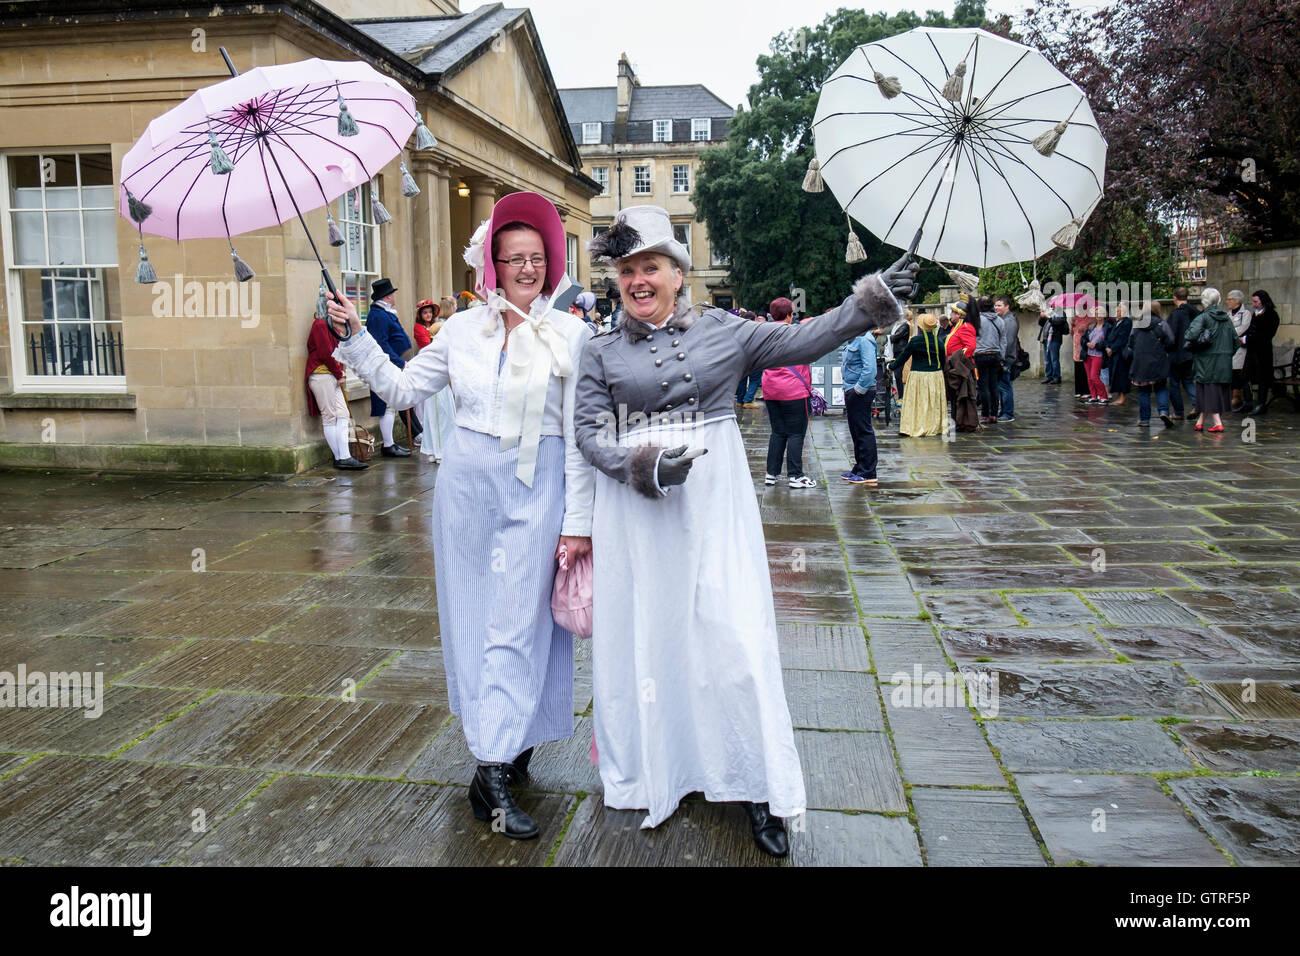 Bath, Reino Unido. 10 Sep, 2016. Los fans de Jane Austen son retratada tomando parte en las famosas murgas Grand Imagen De Stock